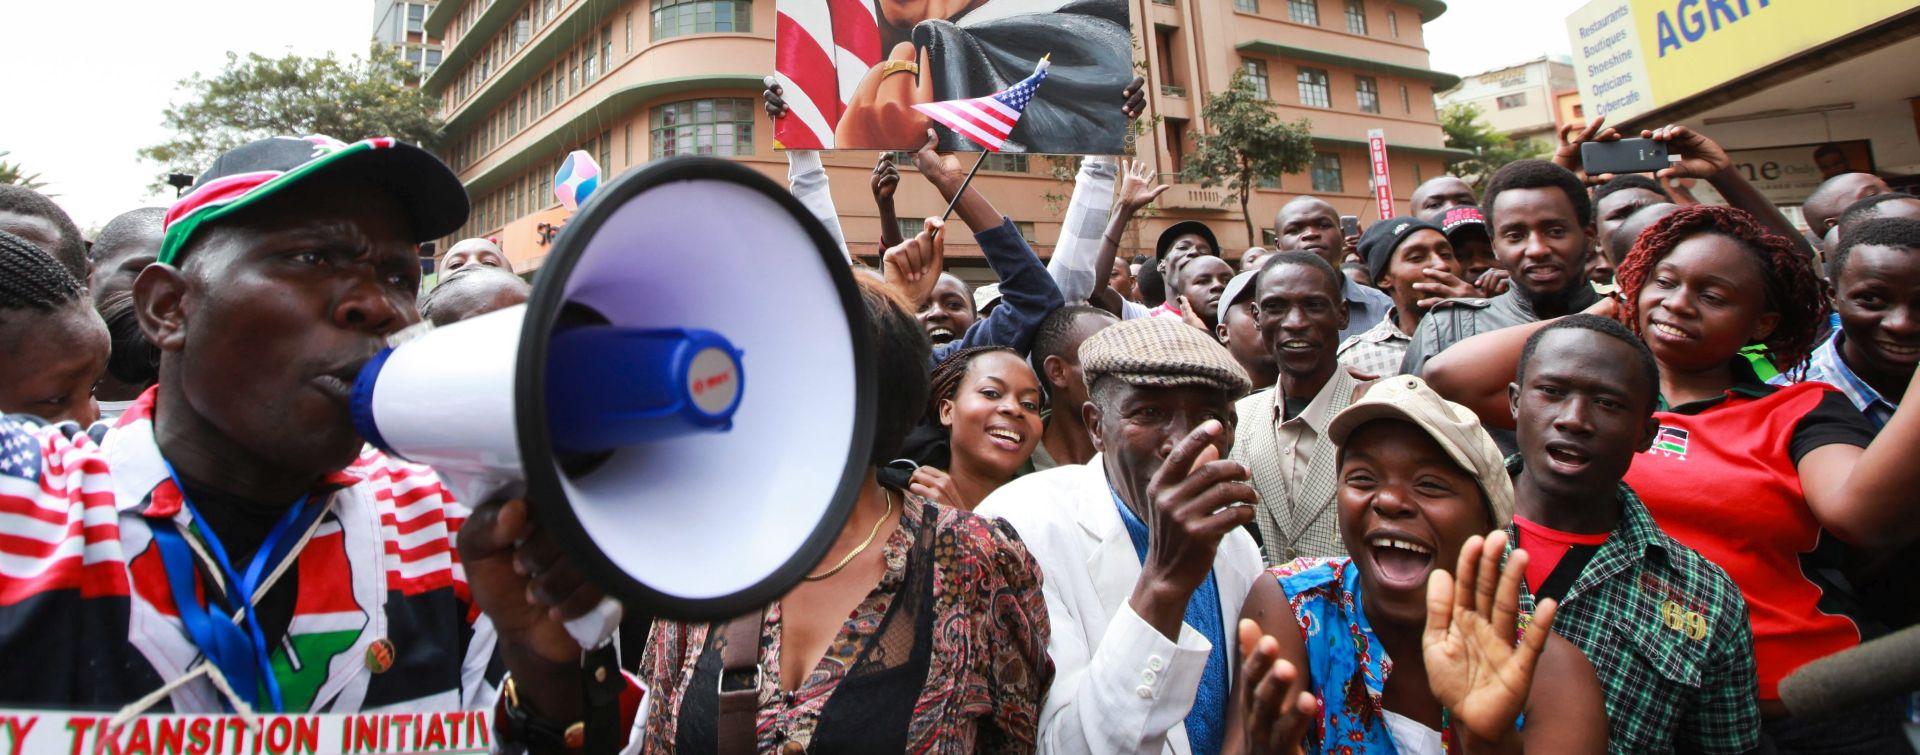 OBAMA, MICHELLE I AIRFORCE ONE: Počela Obamamanija u imenovanju Kenijske novorođenčadi